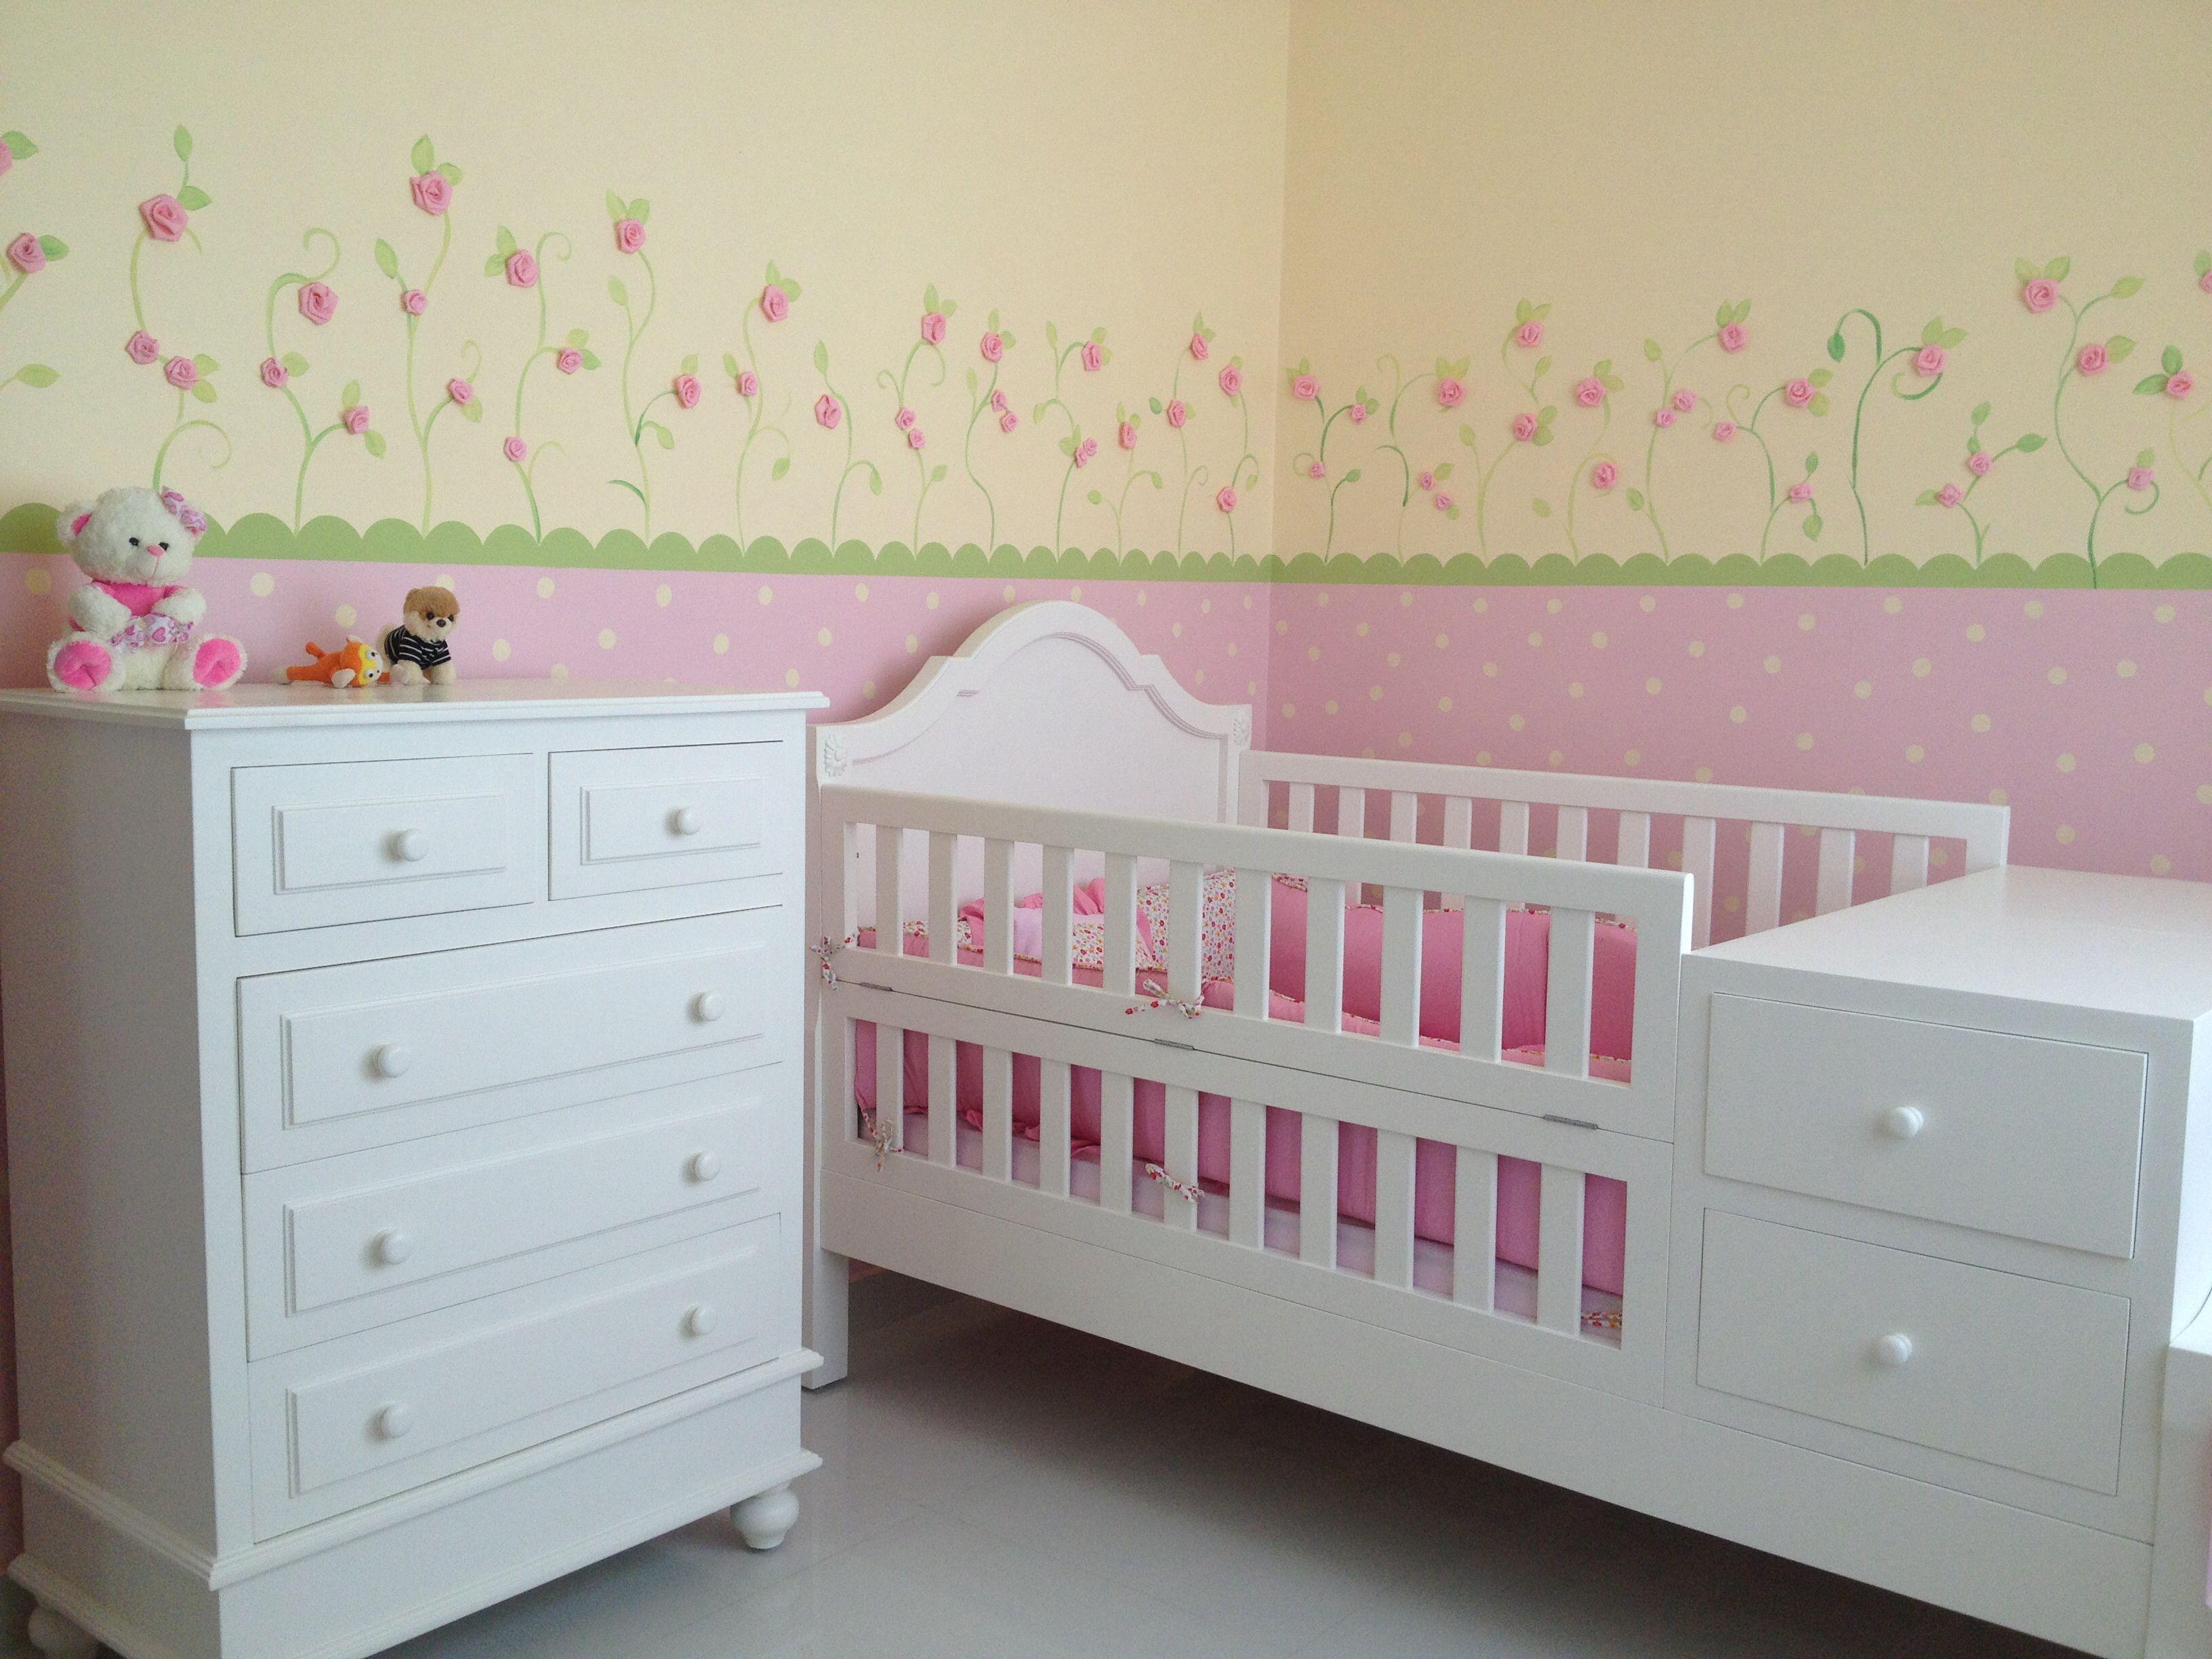 Dormitorio de bebe con detalles en las paredes de rositas - Paredes habitacion bebe ...